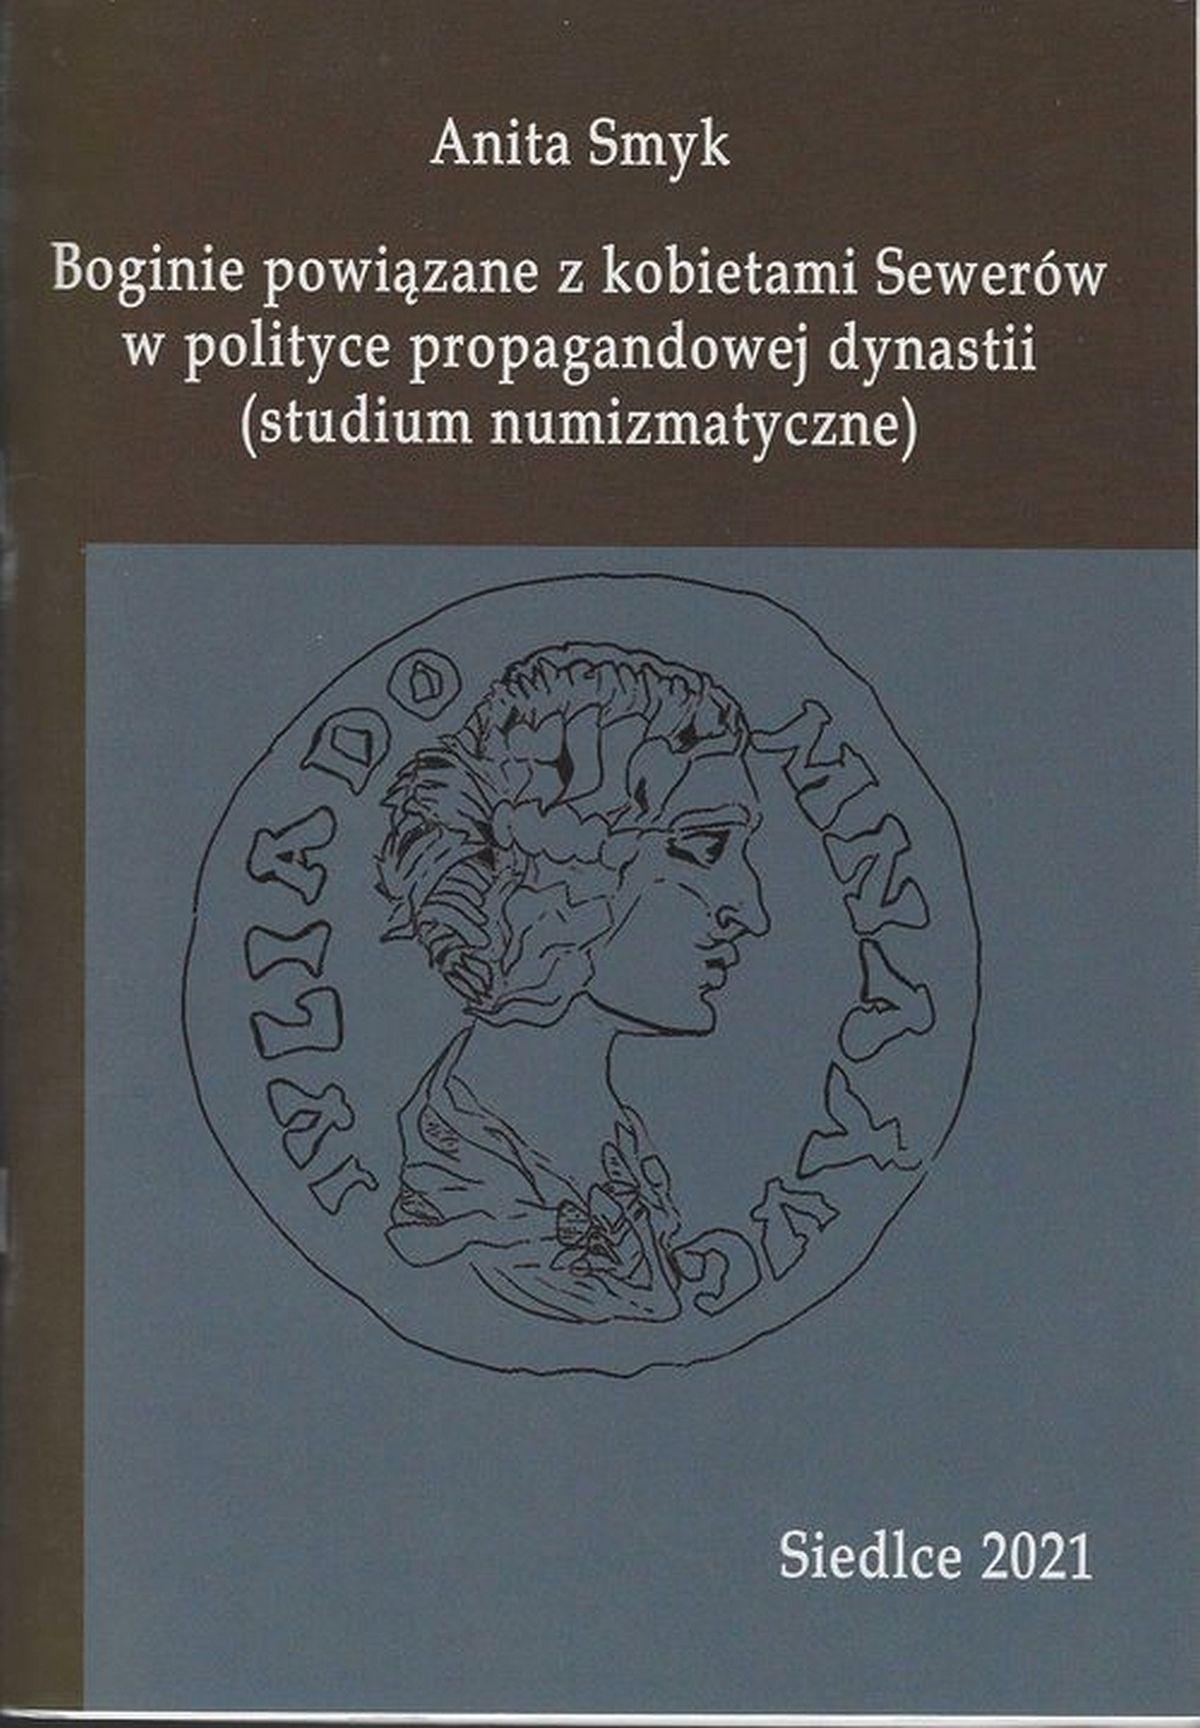 Boginie powiązane z kobietami Sewerów w polityce propagandowej dynastii. (studium numizmatyczne)